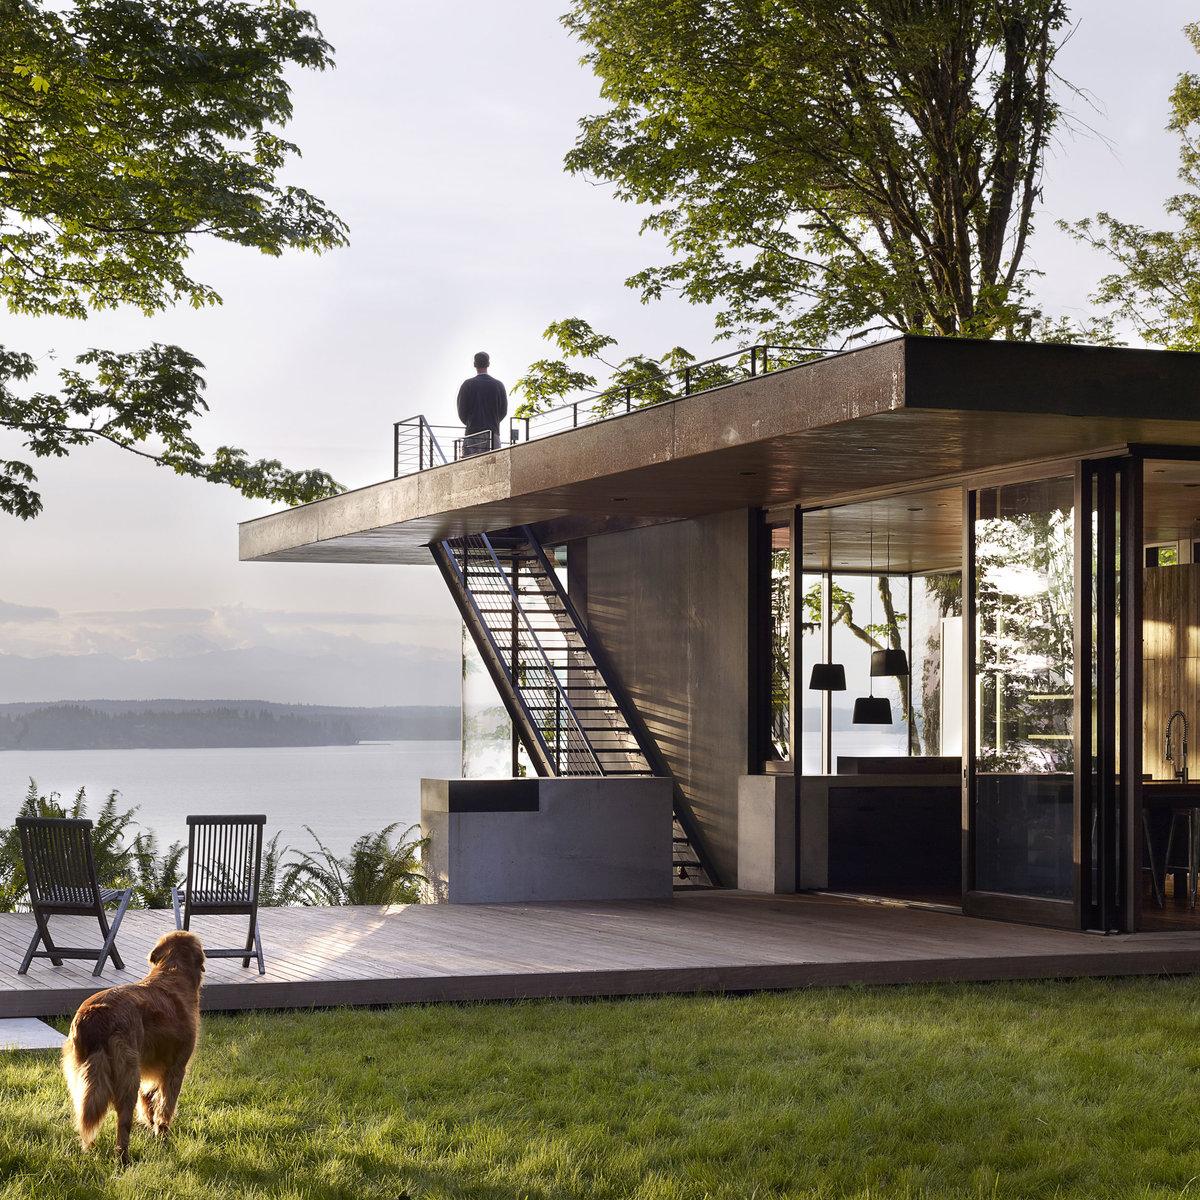 проект дома с террасой на крыше картинки сложно